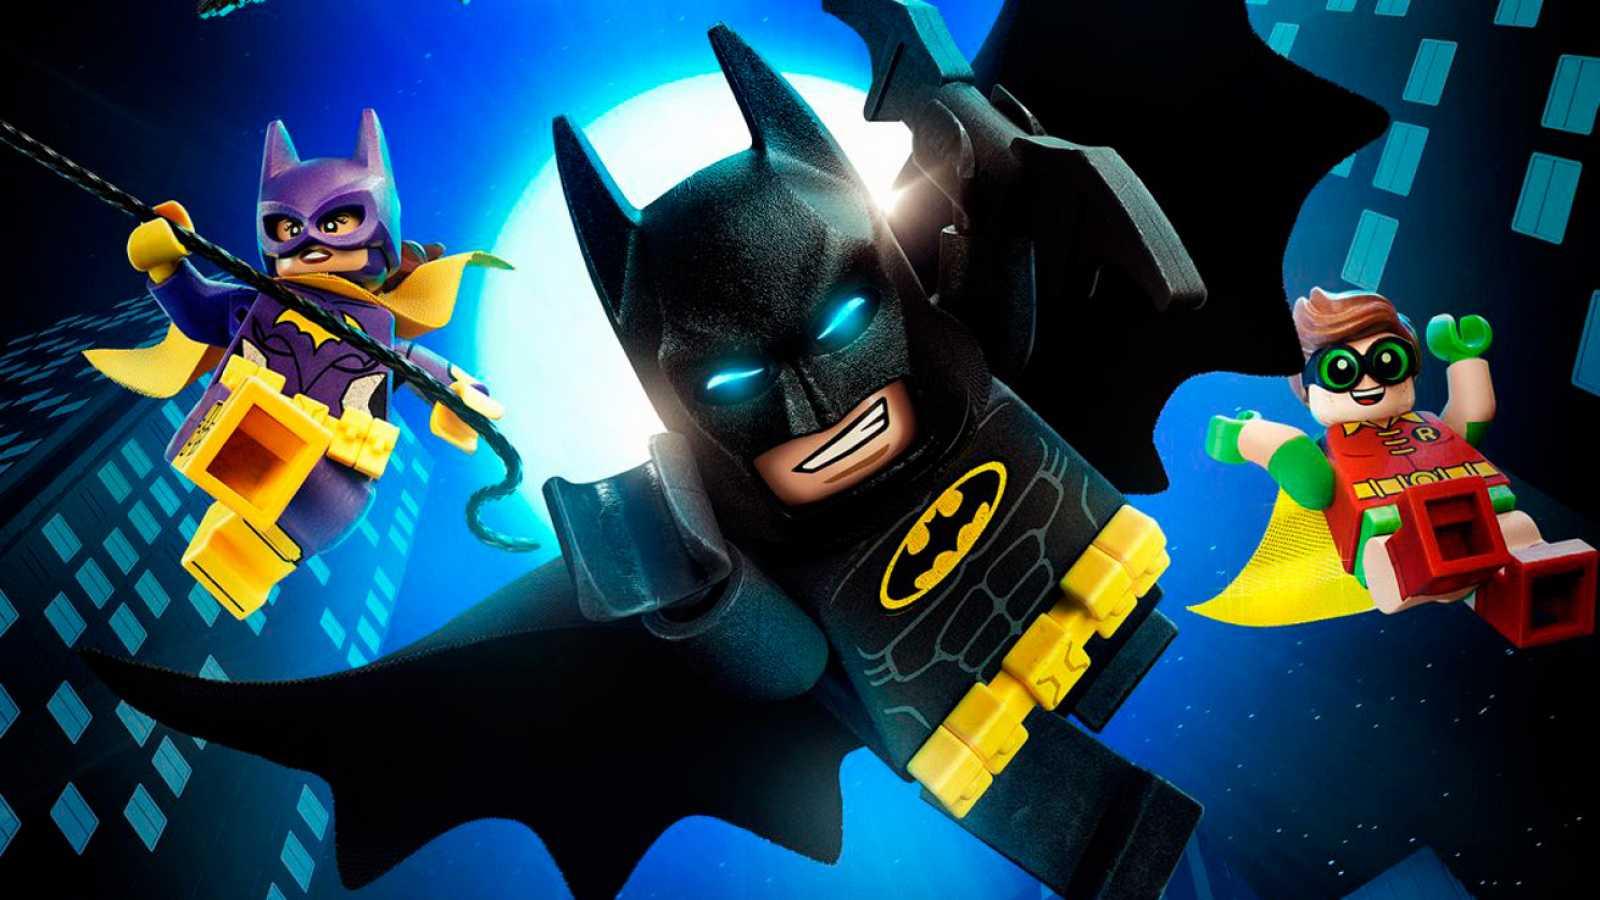 Tras el éxito de 'La LEGO película' llega 'Batman: La LEGO película'